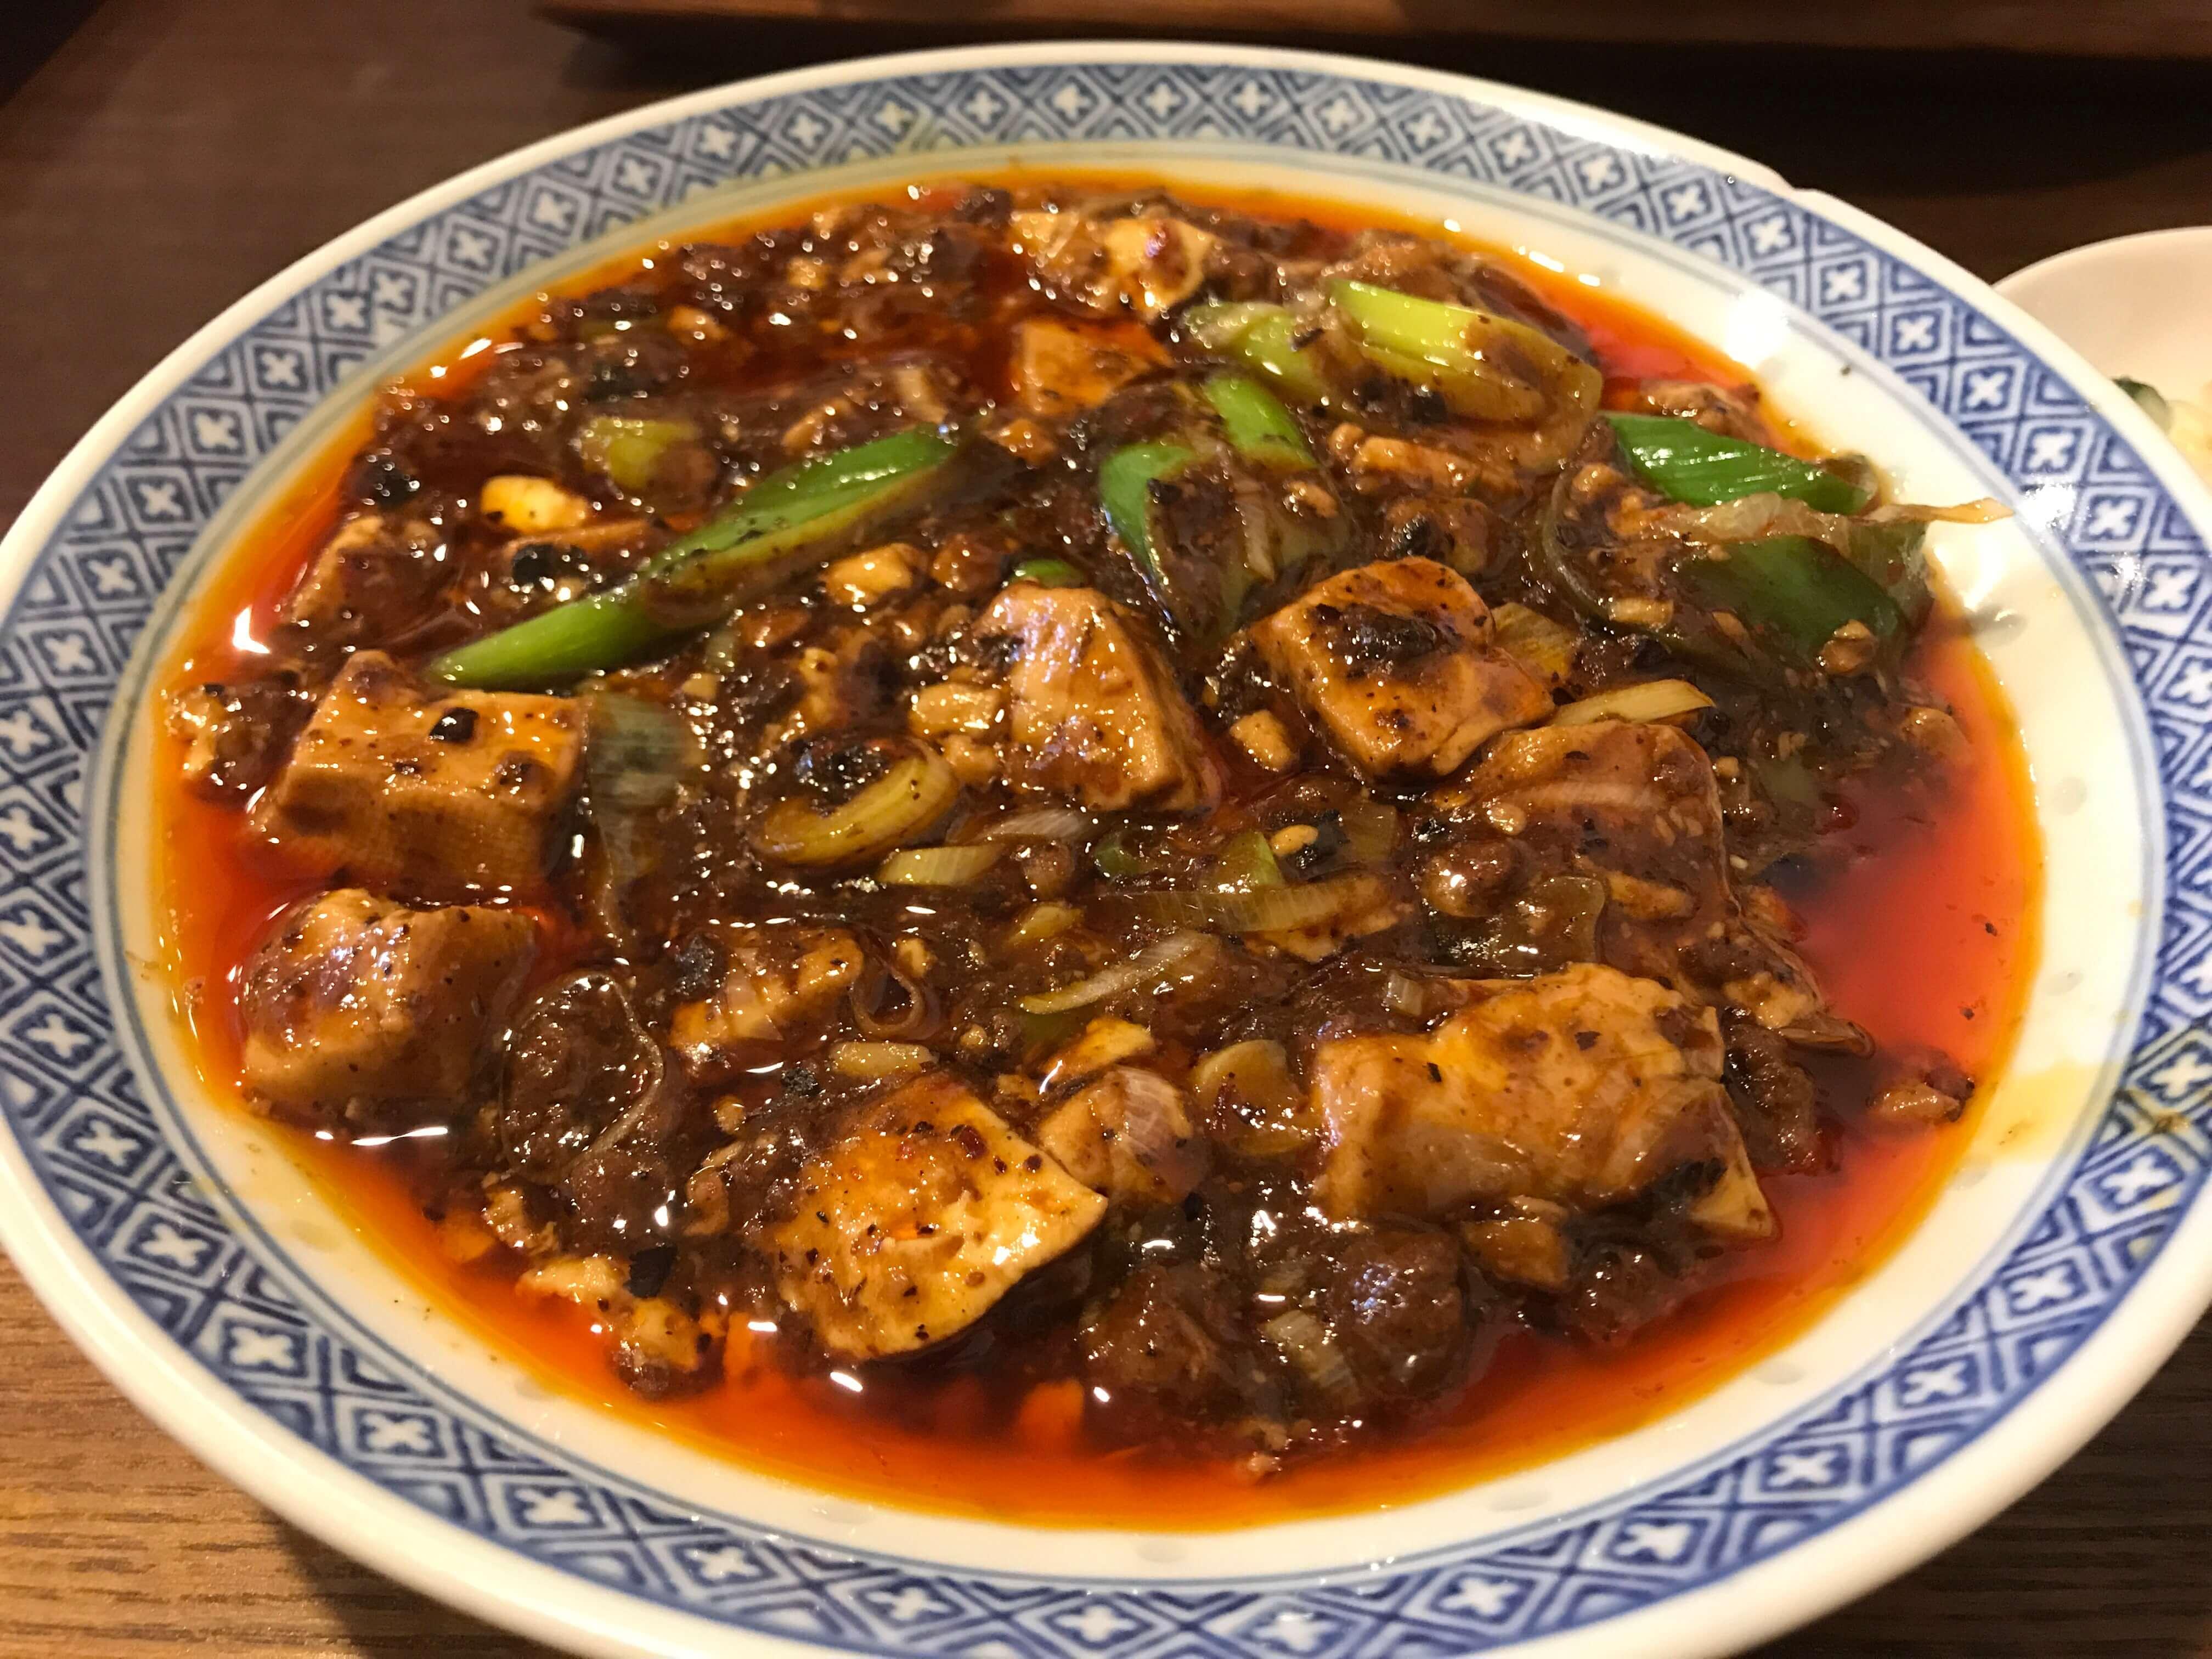 カレー好きが認める麻婆豆腐!? 大阪・福島の行列ができる中華料理店「オイル」に潜入